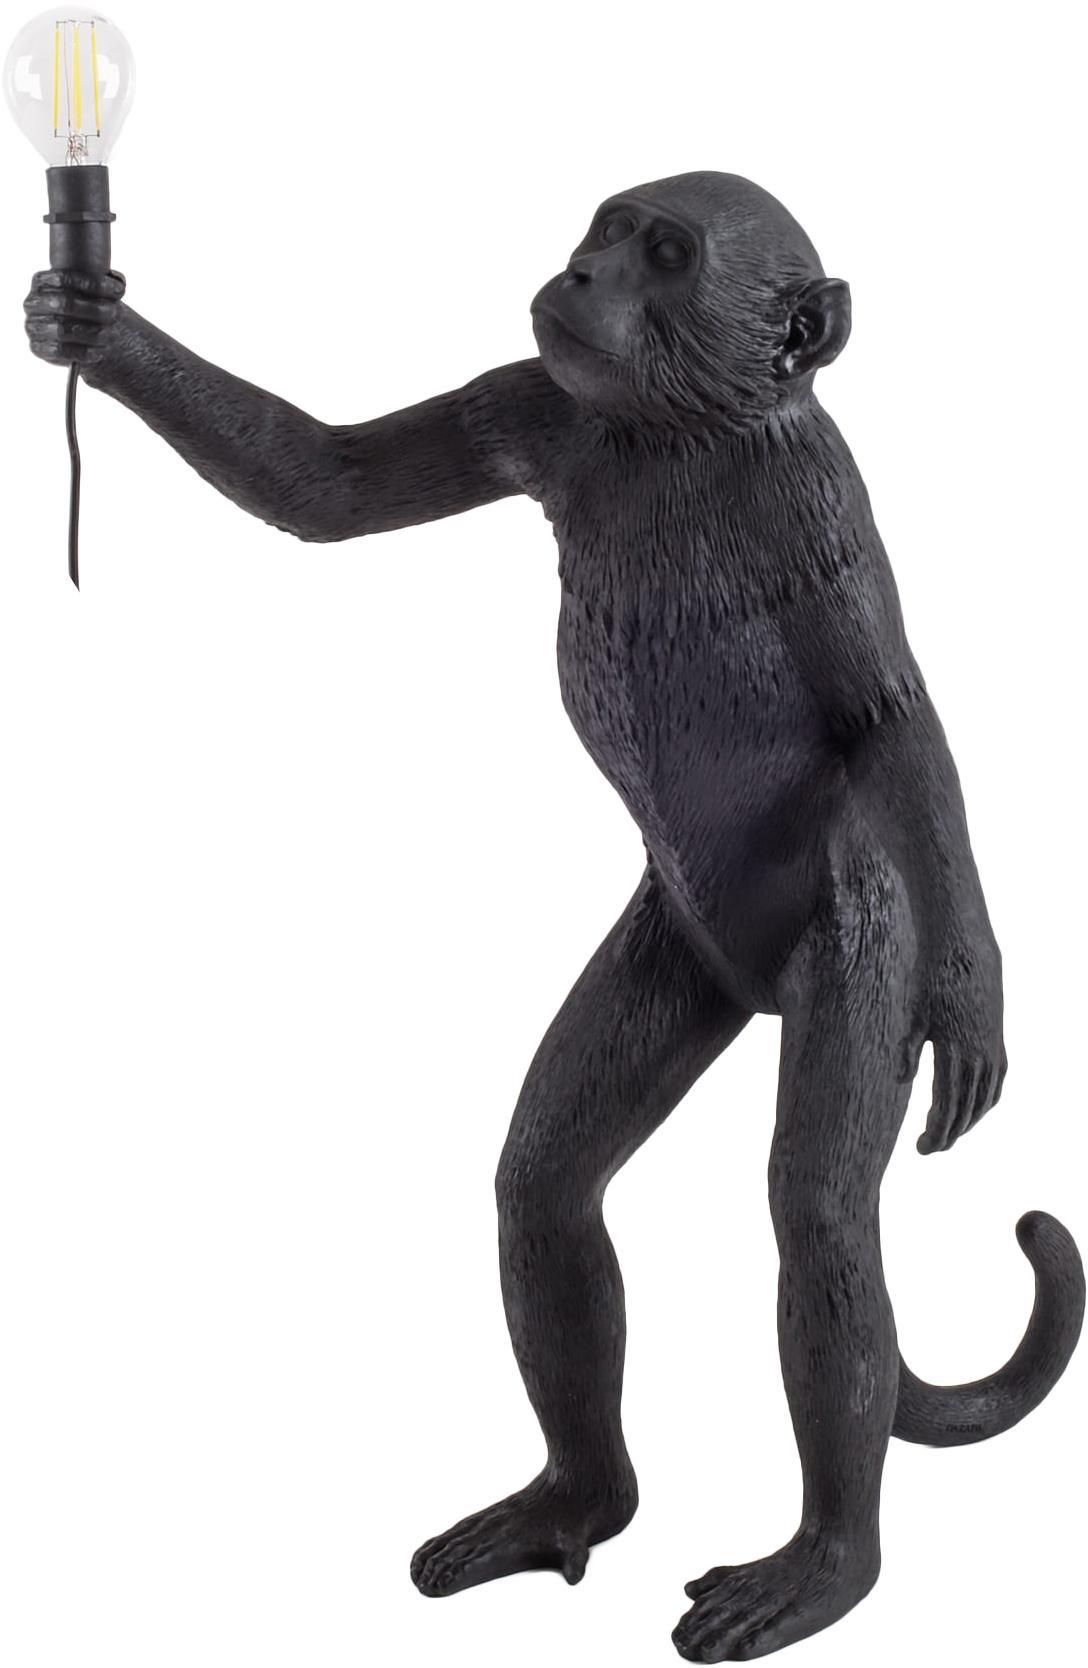 Außen-Tischleuchte Monkey, Kunstharz, Schwarz, 46 x 54 cm